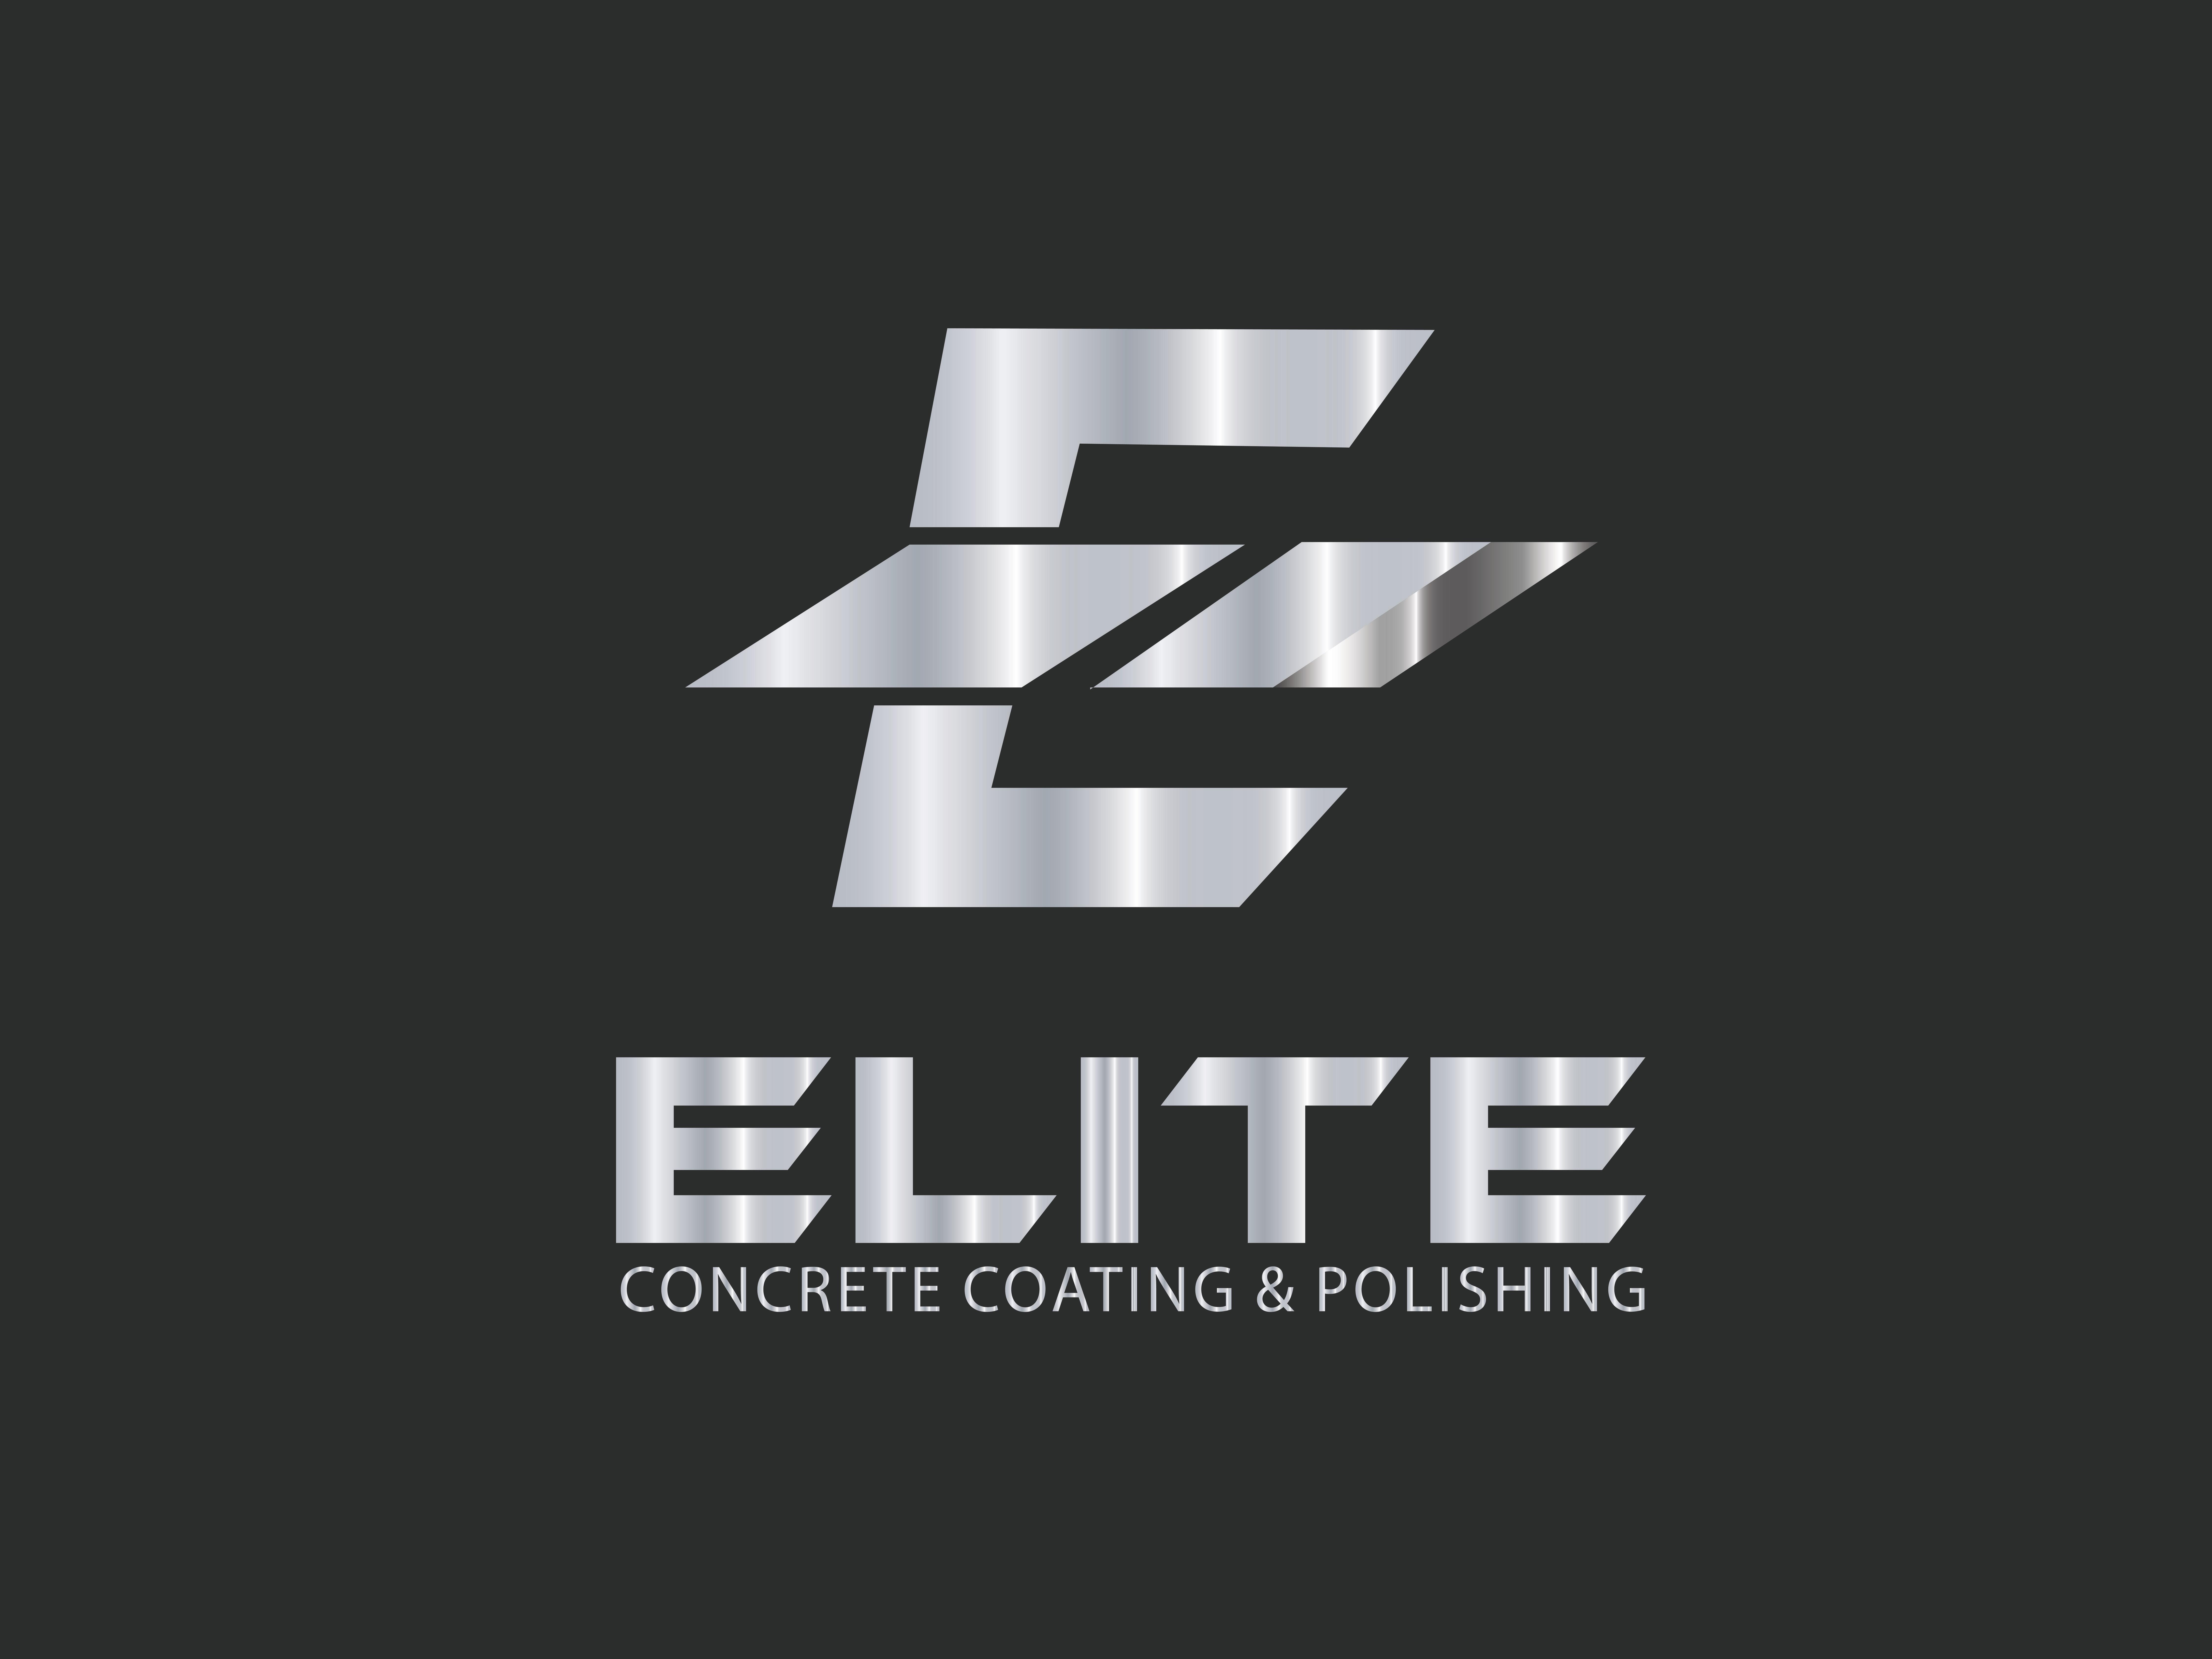 Elite Concrete Coating and Polishing